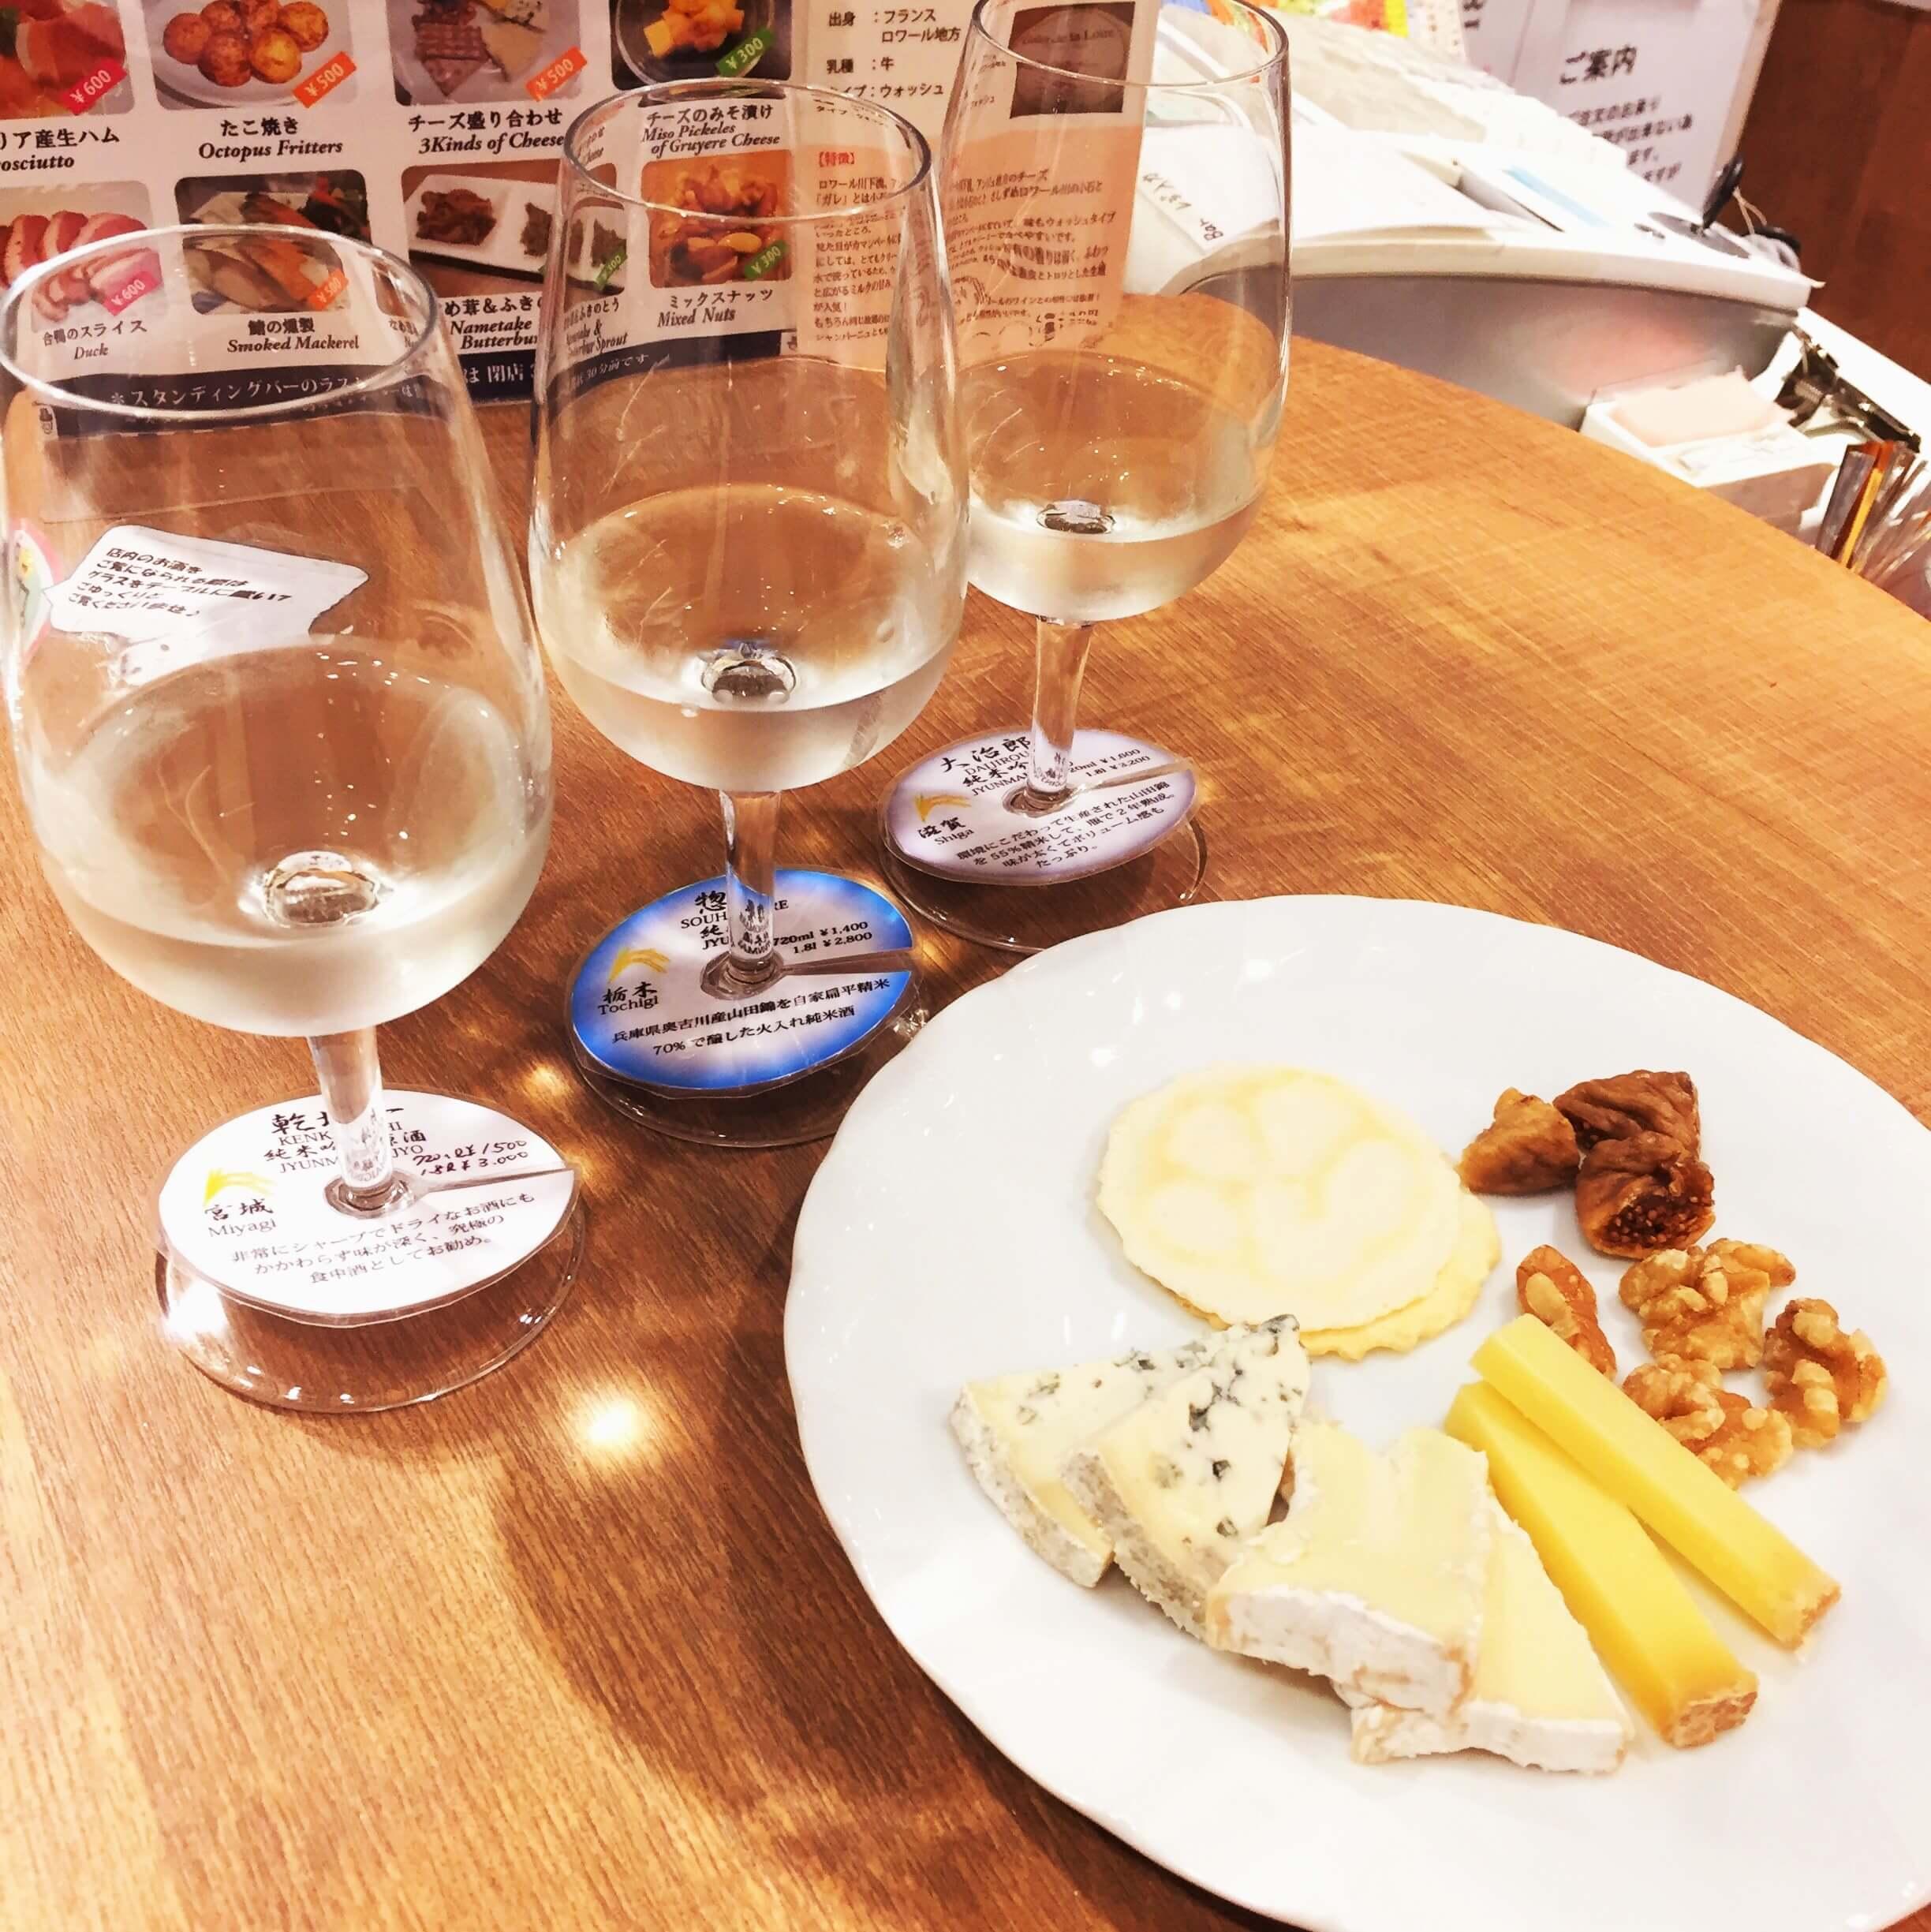 銀座「君嶋屋」の「日本酒飲み比べセット(650円)」と「チーズ盛り合わせ(500円)」